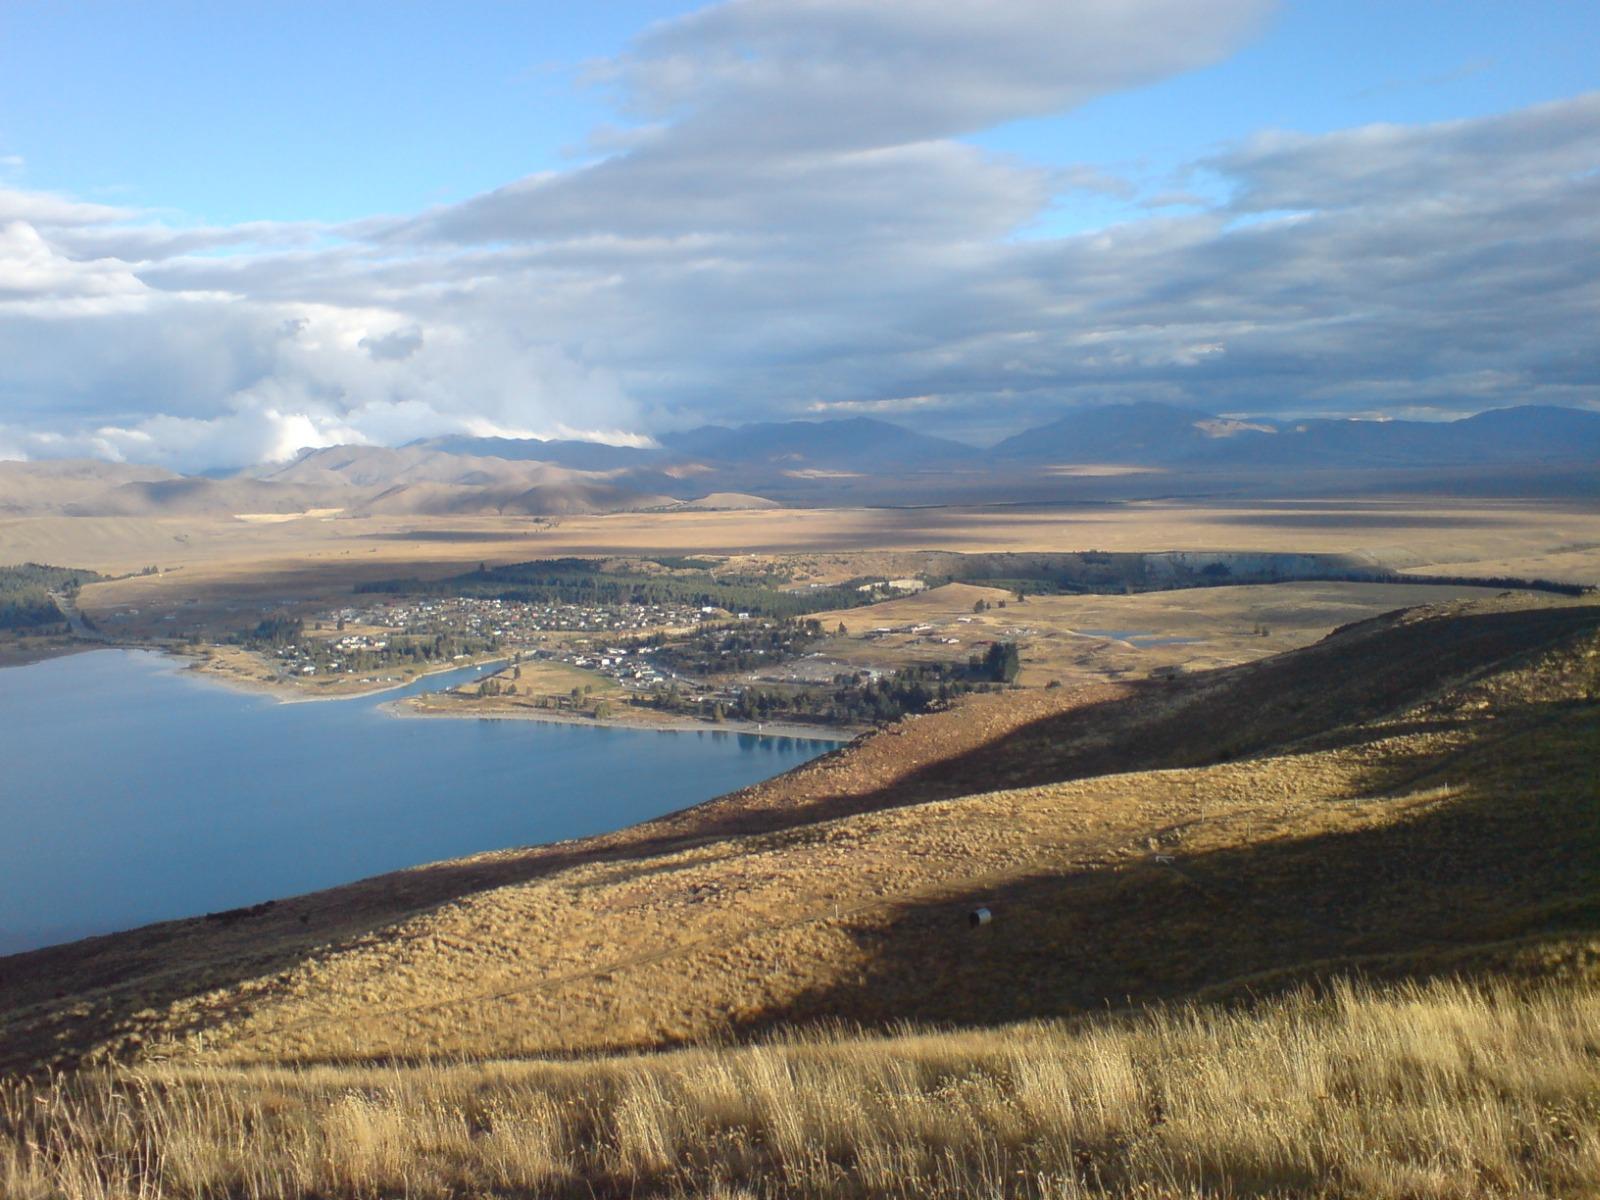 File:Lake Tekapo Townshipisland lake township